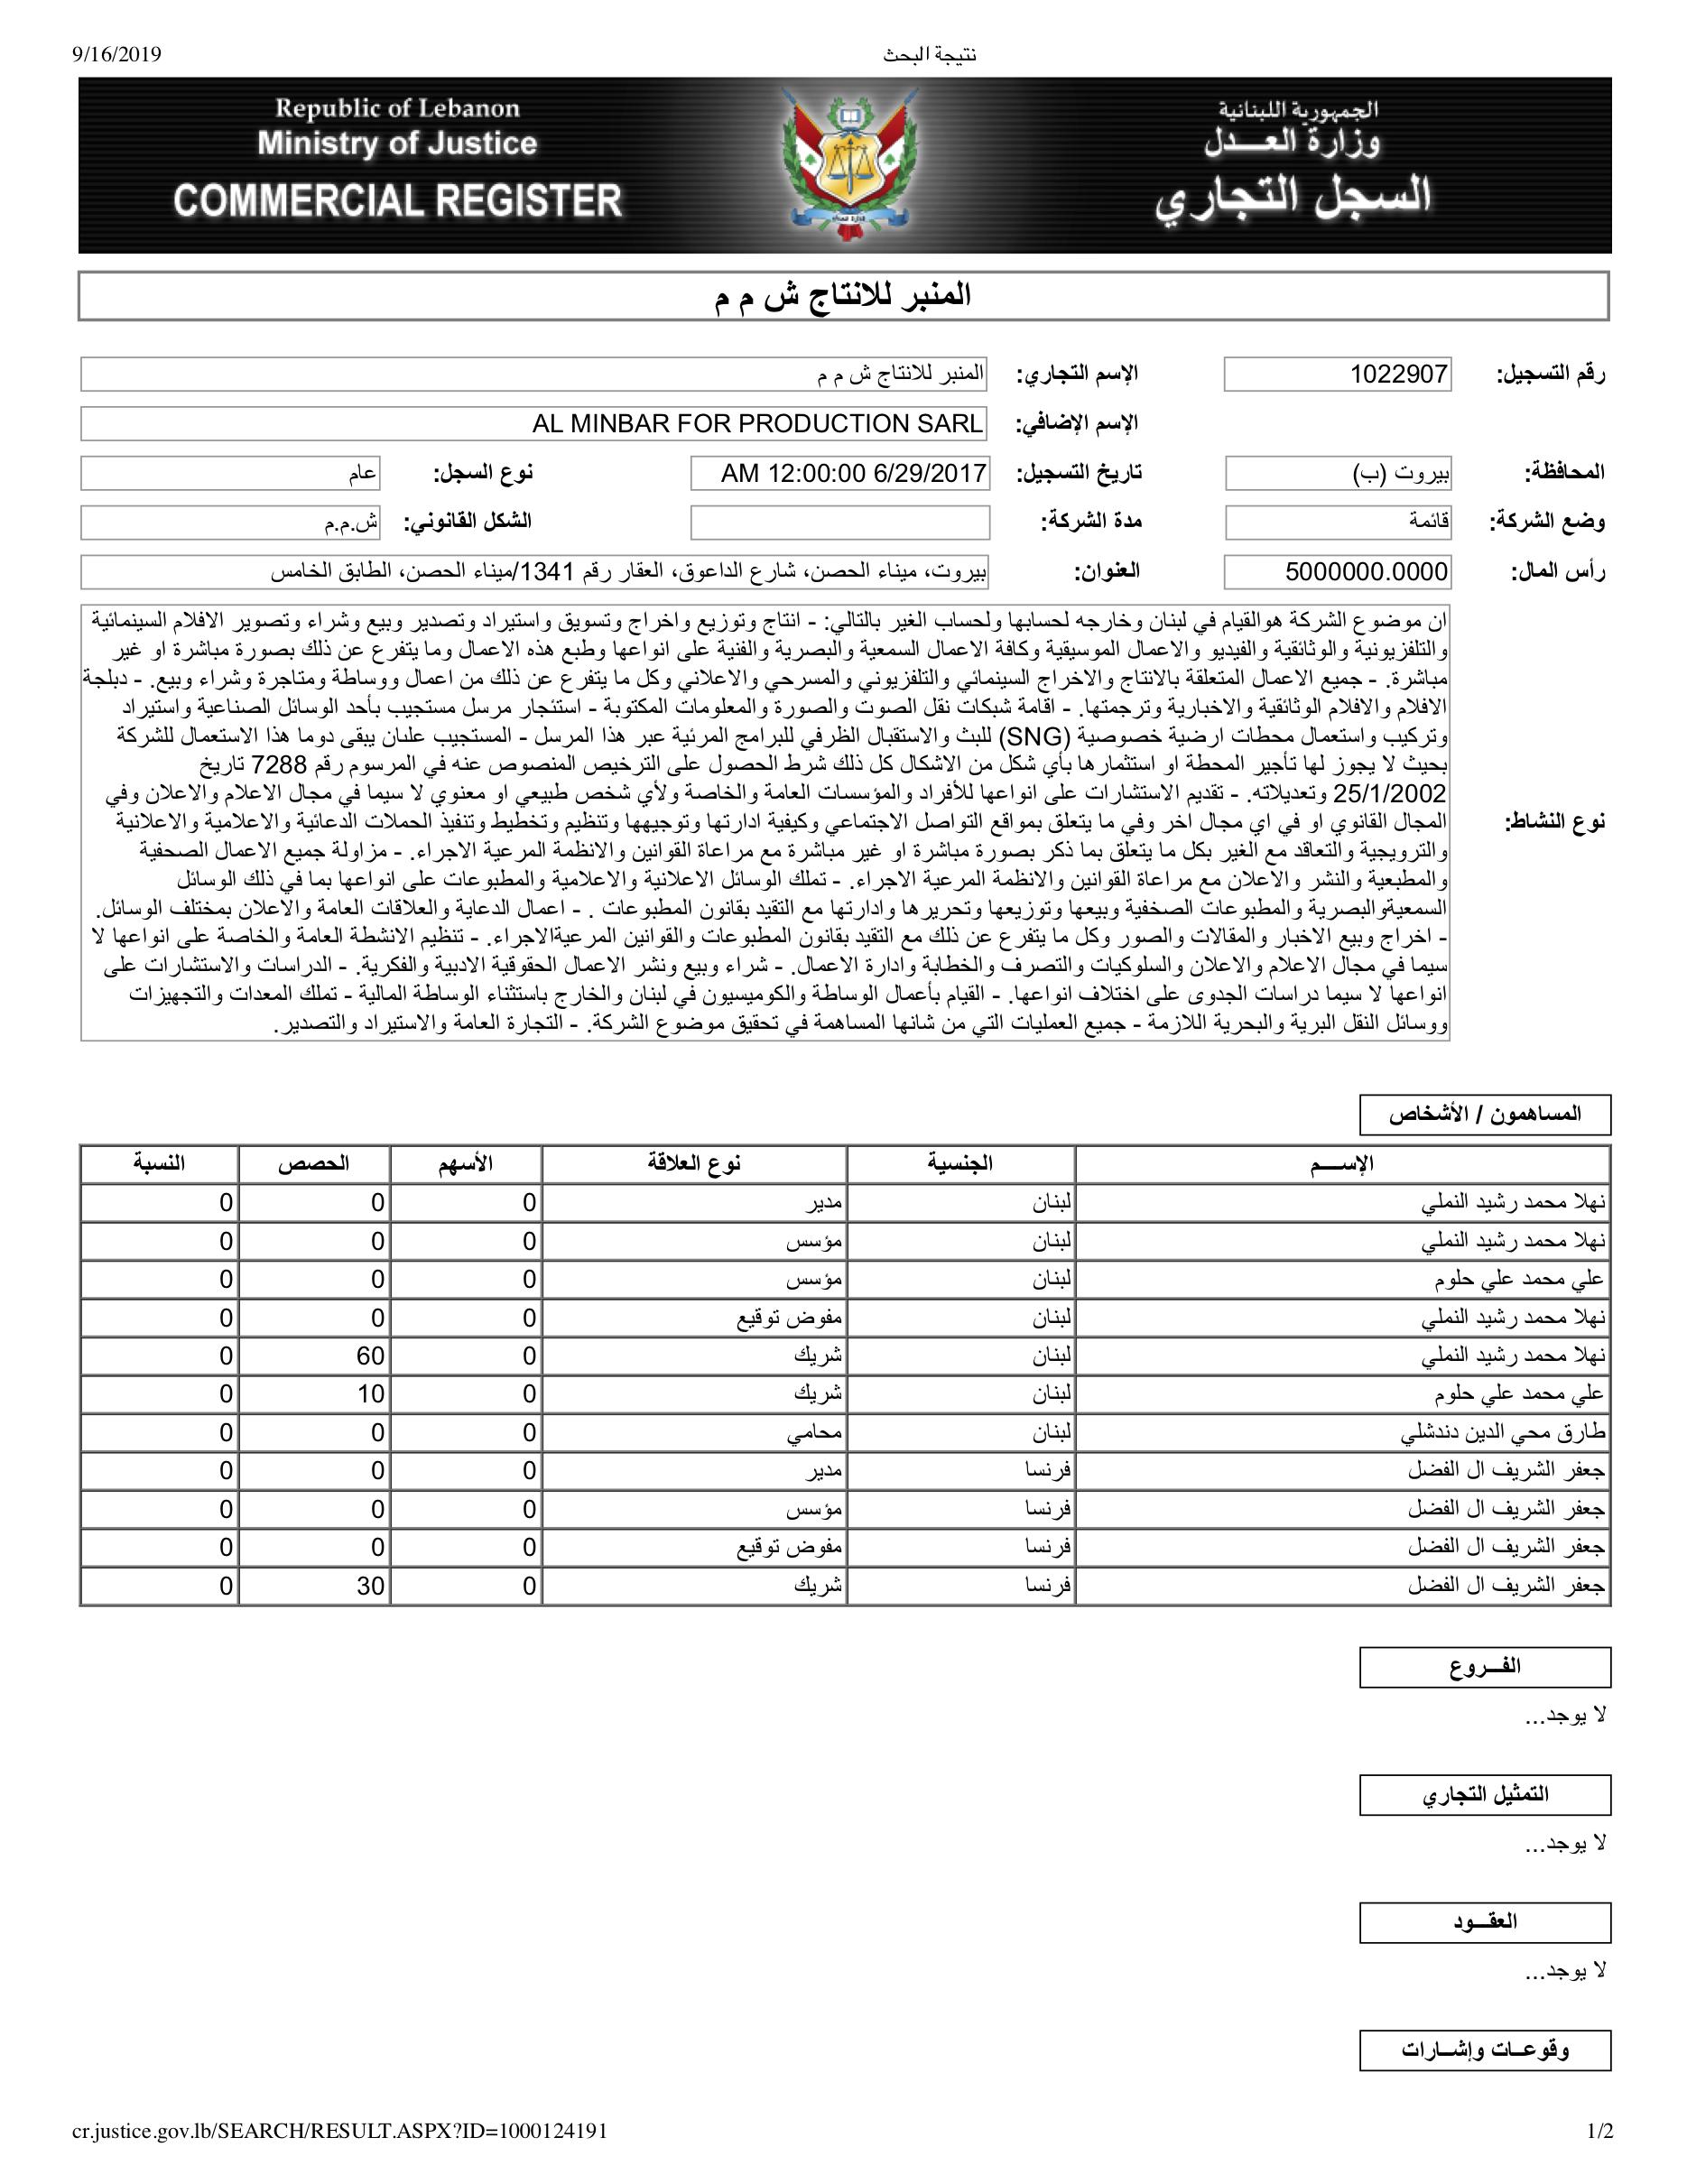 -Al Minbar نتيجة البحث.png